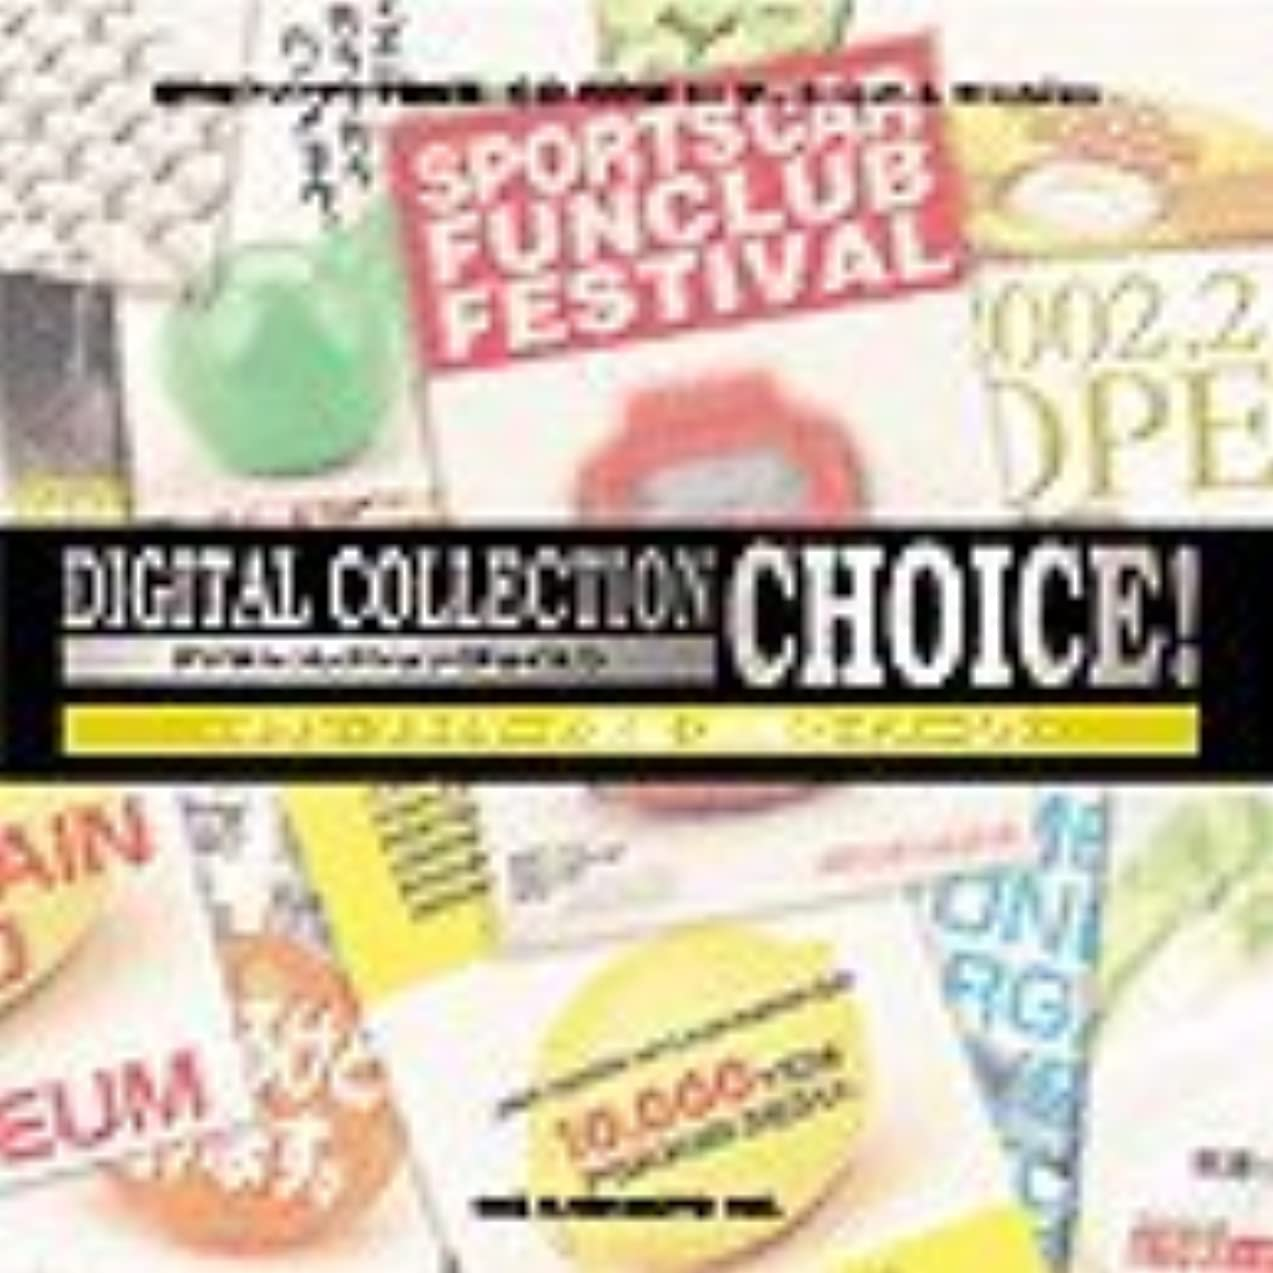 発疹区別びっくりしたDigital Collection Choice! チラシ?フライヤーの素編 「俯瞰のイメージ」